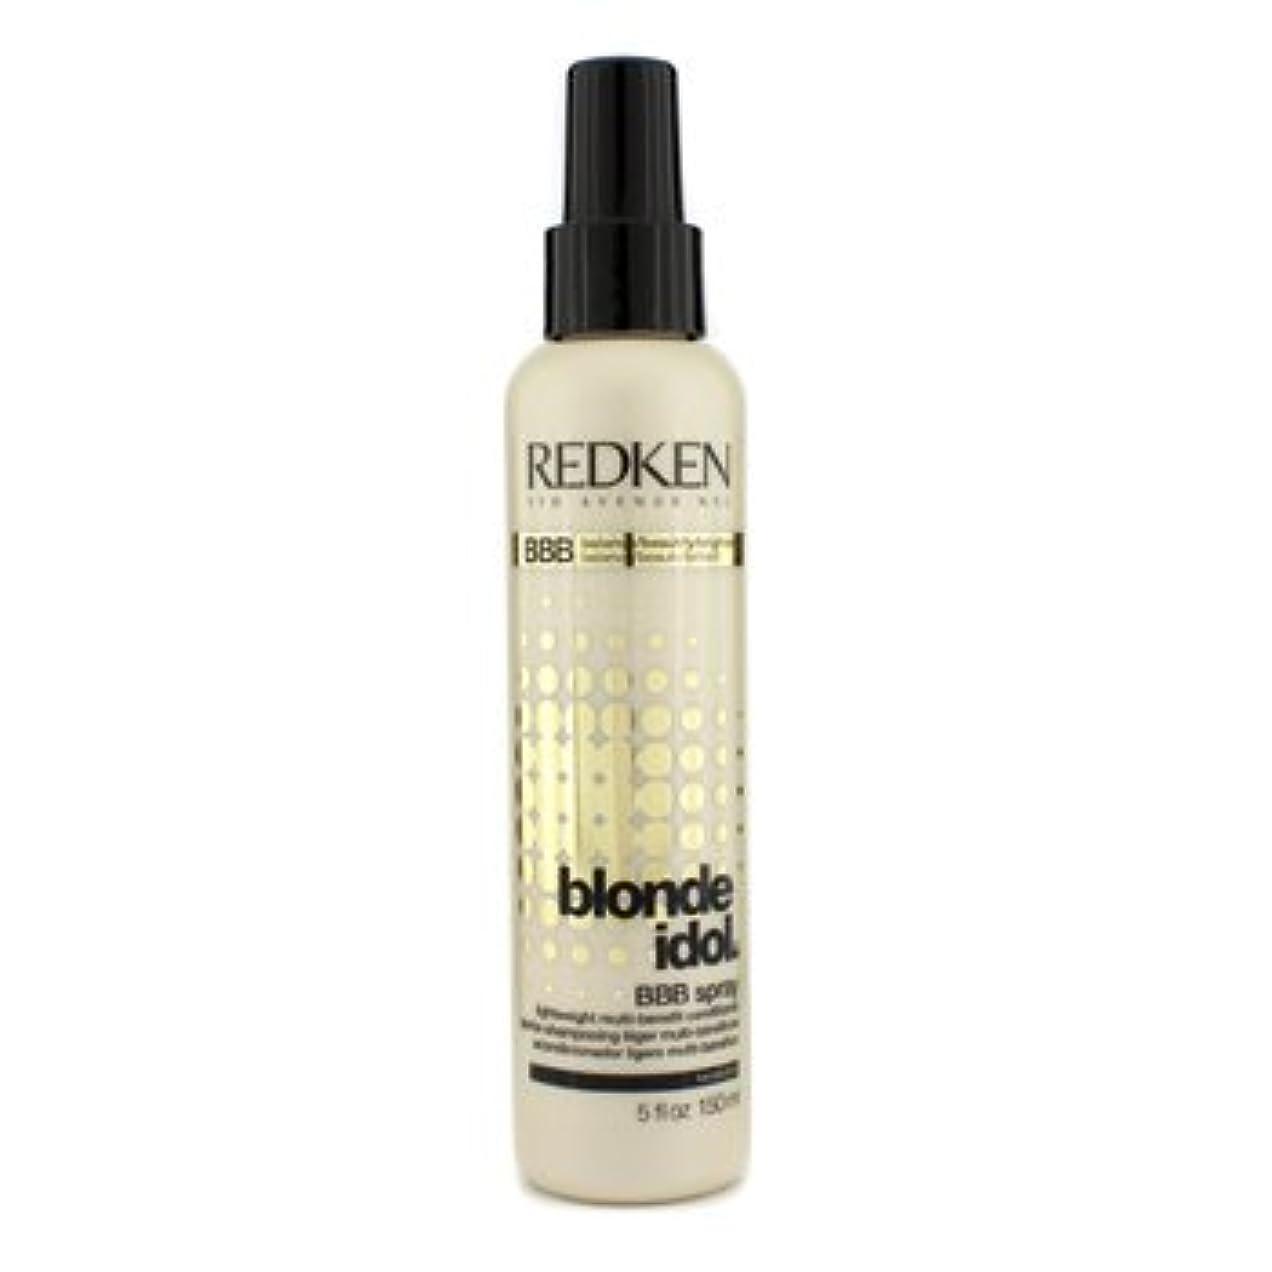 伝えるロック妨げる[Redken] Blonde Idol BBB Spray Lightweight Multi-Benefit Conditioner (For Beautiful Blonde Hair) 150ml/5oz